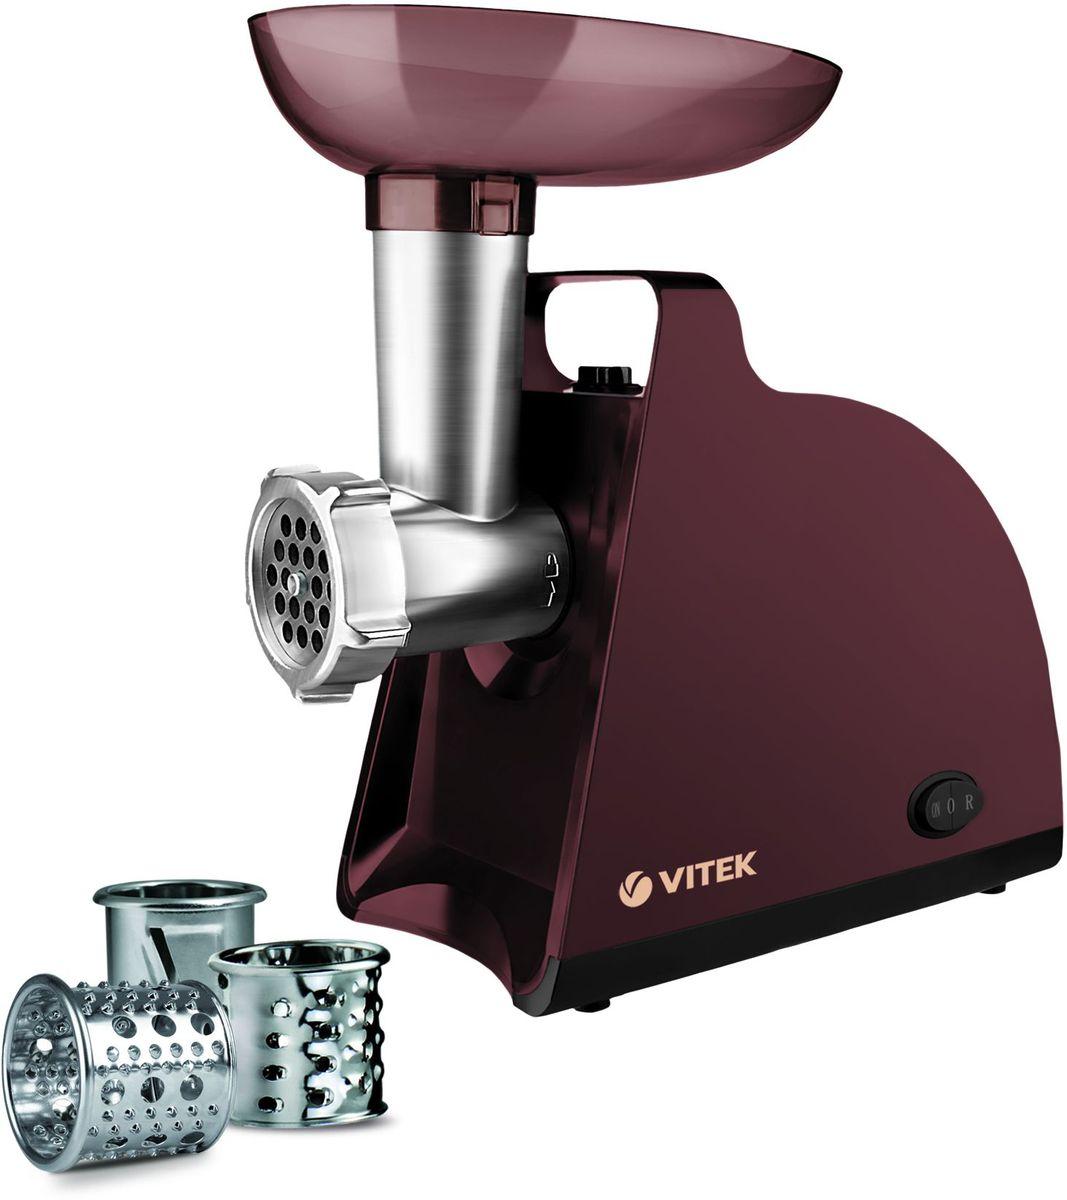 Vitek VT-3613(BN) мясорубкаVT-3613(BN)Модель мясорубки Vitek VT-3613 с мощностью 1700 Вт способна приготовить до 1,5 кг фарша в минуту. Также мясорубка оснащена уникальной технологией Magnifit ? заточка и шлифовка ножа и диска обеспечивают максимальное прилегание друг к другу, словно магнит – вы сможете получить фарш, измельчённый со 100% эффективностью! В мясорубке VT-3613предусмотрено 2 диска из высококачественной нержавеющей стали для приготовления фарша, благодаря которым получается отменный рубленый фарш. Функция Реверс облегчит переработку мяса: система, проворачивающая шнек мясорубки (спираль, осуществляющая прокрутку фарша) в обратном направлении позволяет избавиться от жил, намотавшихся на шнек и затрудняющих работу мясорубки. Чтобы мясорубка не скользила во время работы, предусмотрены прорезиненные ножки. Отличительной особенностью модели VT-3613 является наличие трех насадок для обработки овощей, включая насадку для приготовления драников.